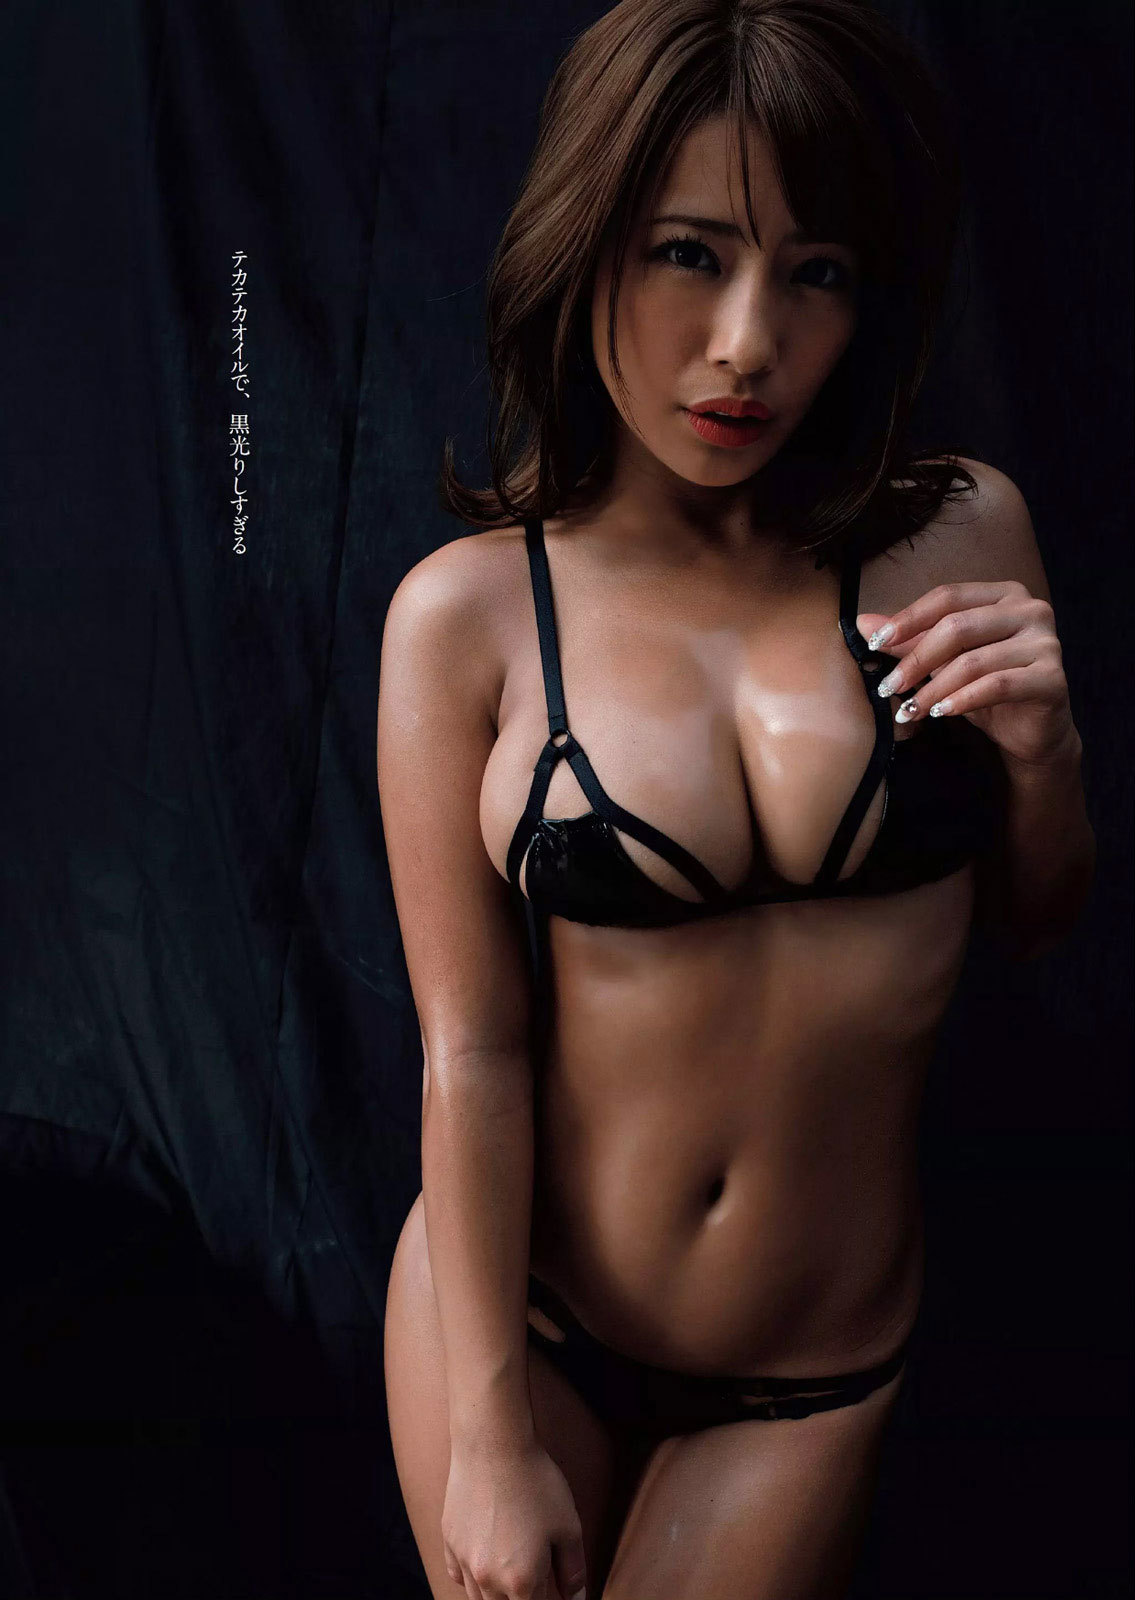 橋本梨菜 なにわのブラックダイヤモンドGカップ美巨乳セクシー画像